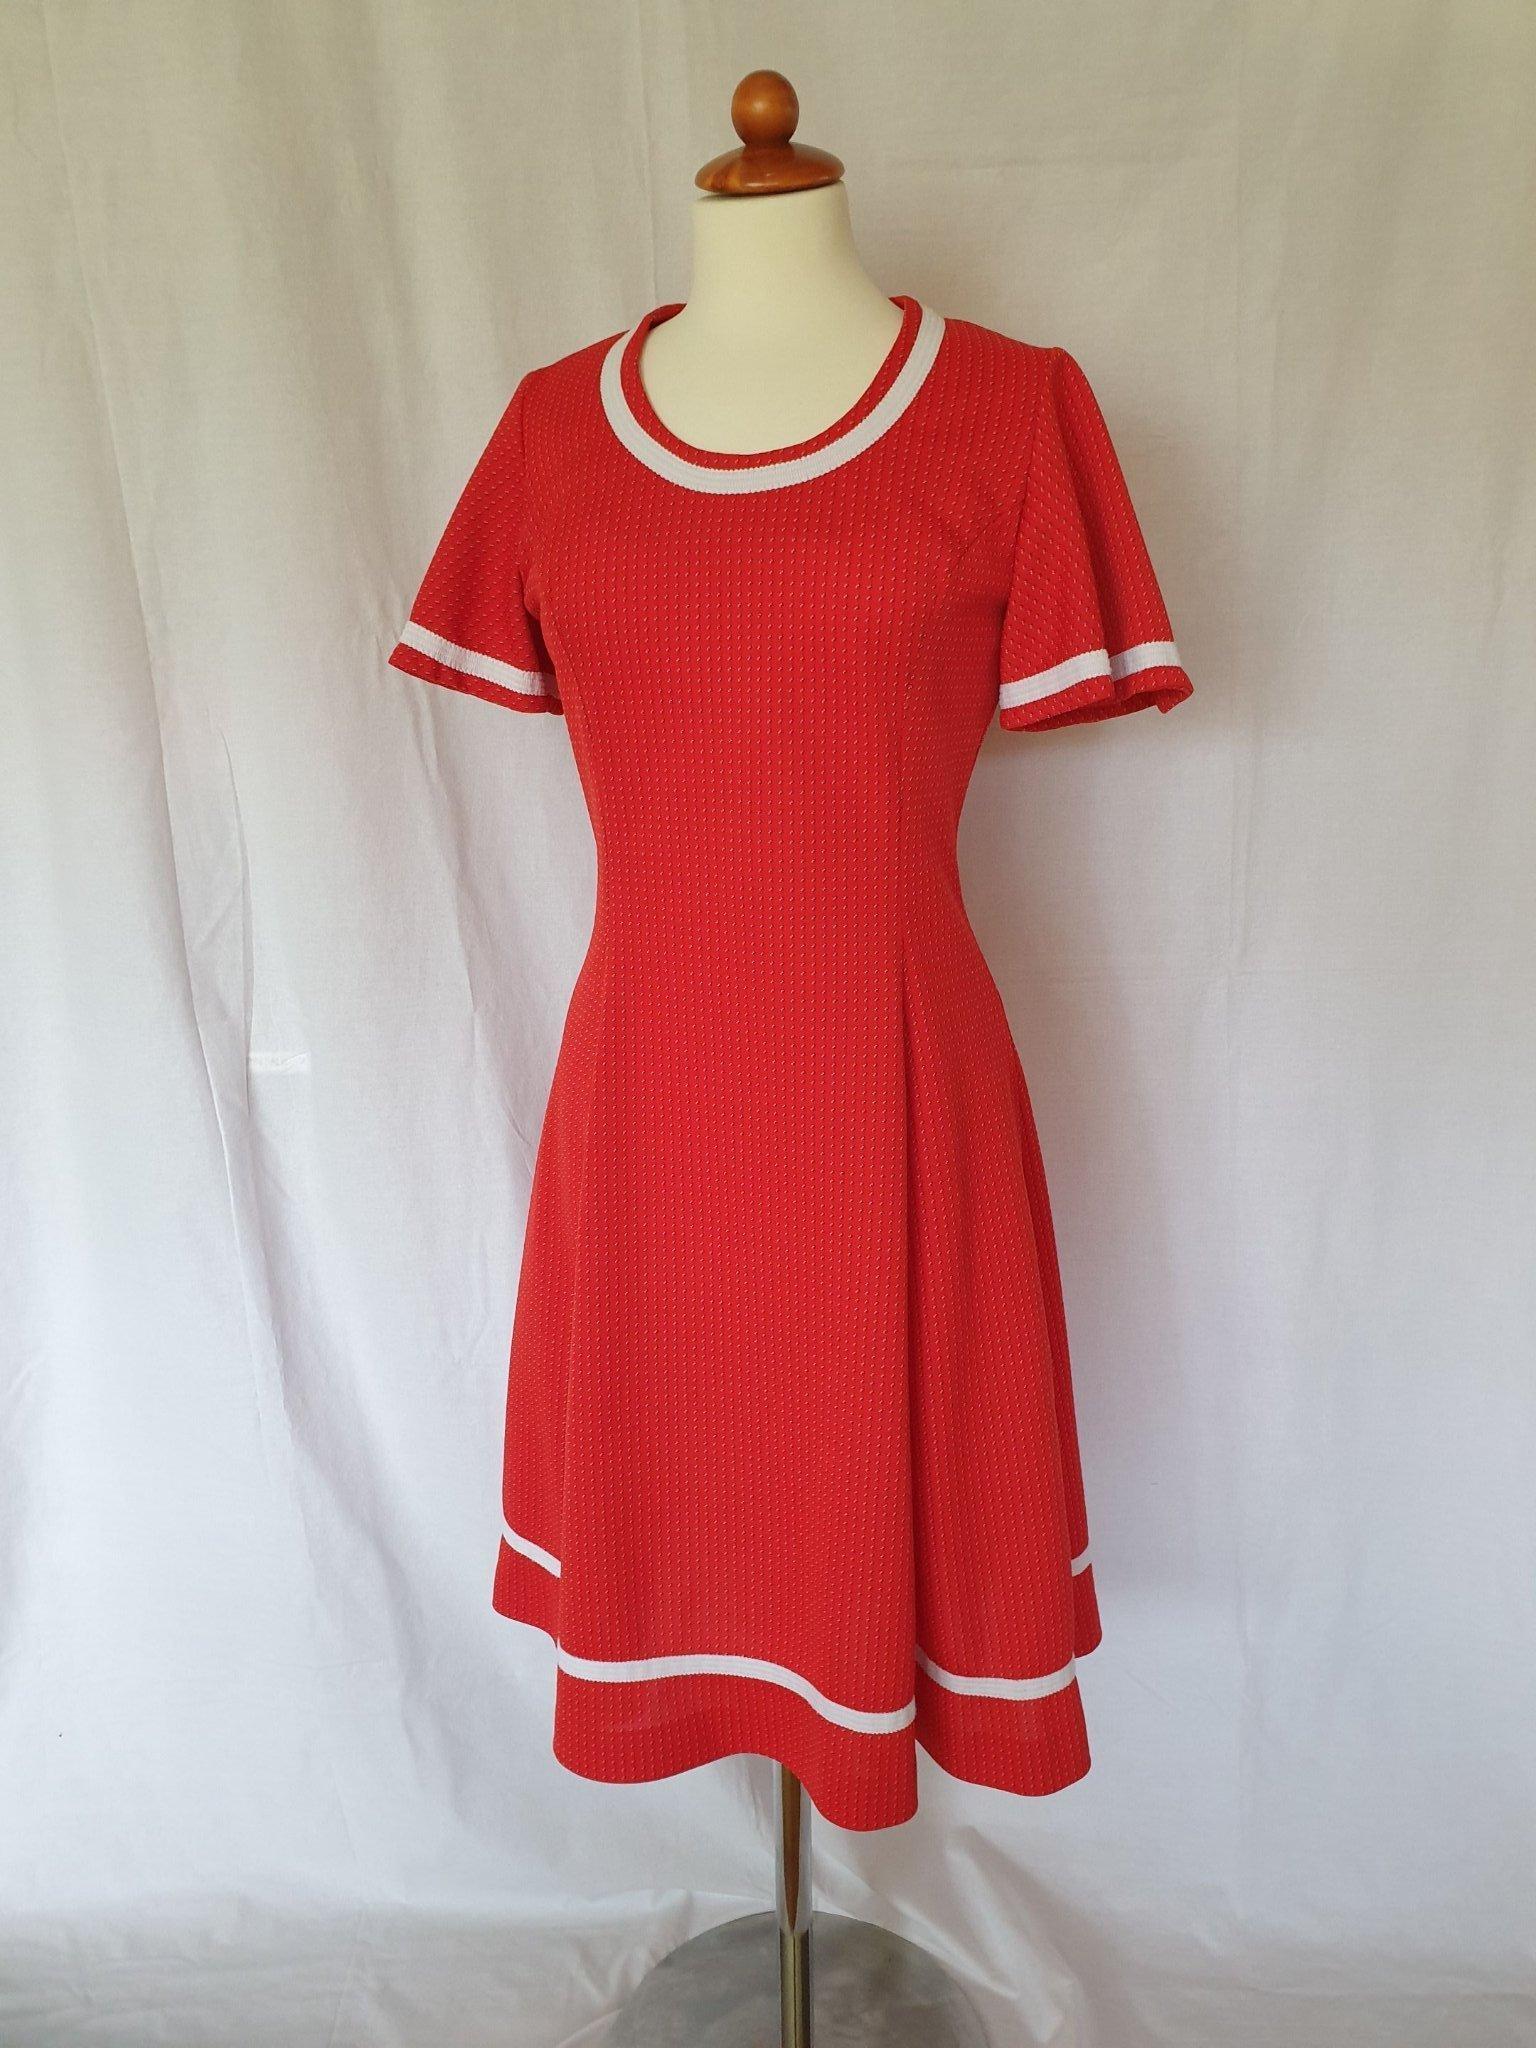 Fin röd klänning med vita detaljer vintage 70 t.. (418761031